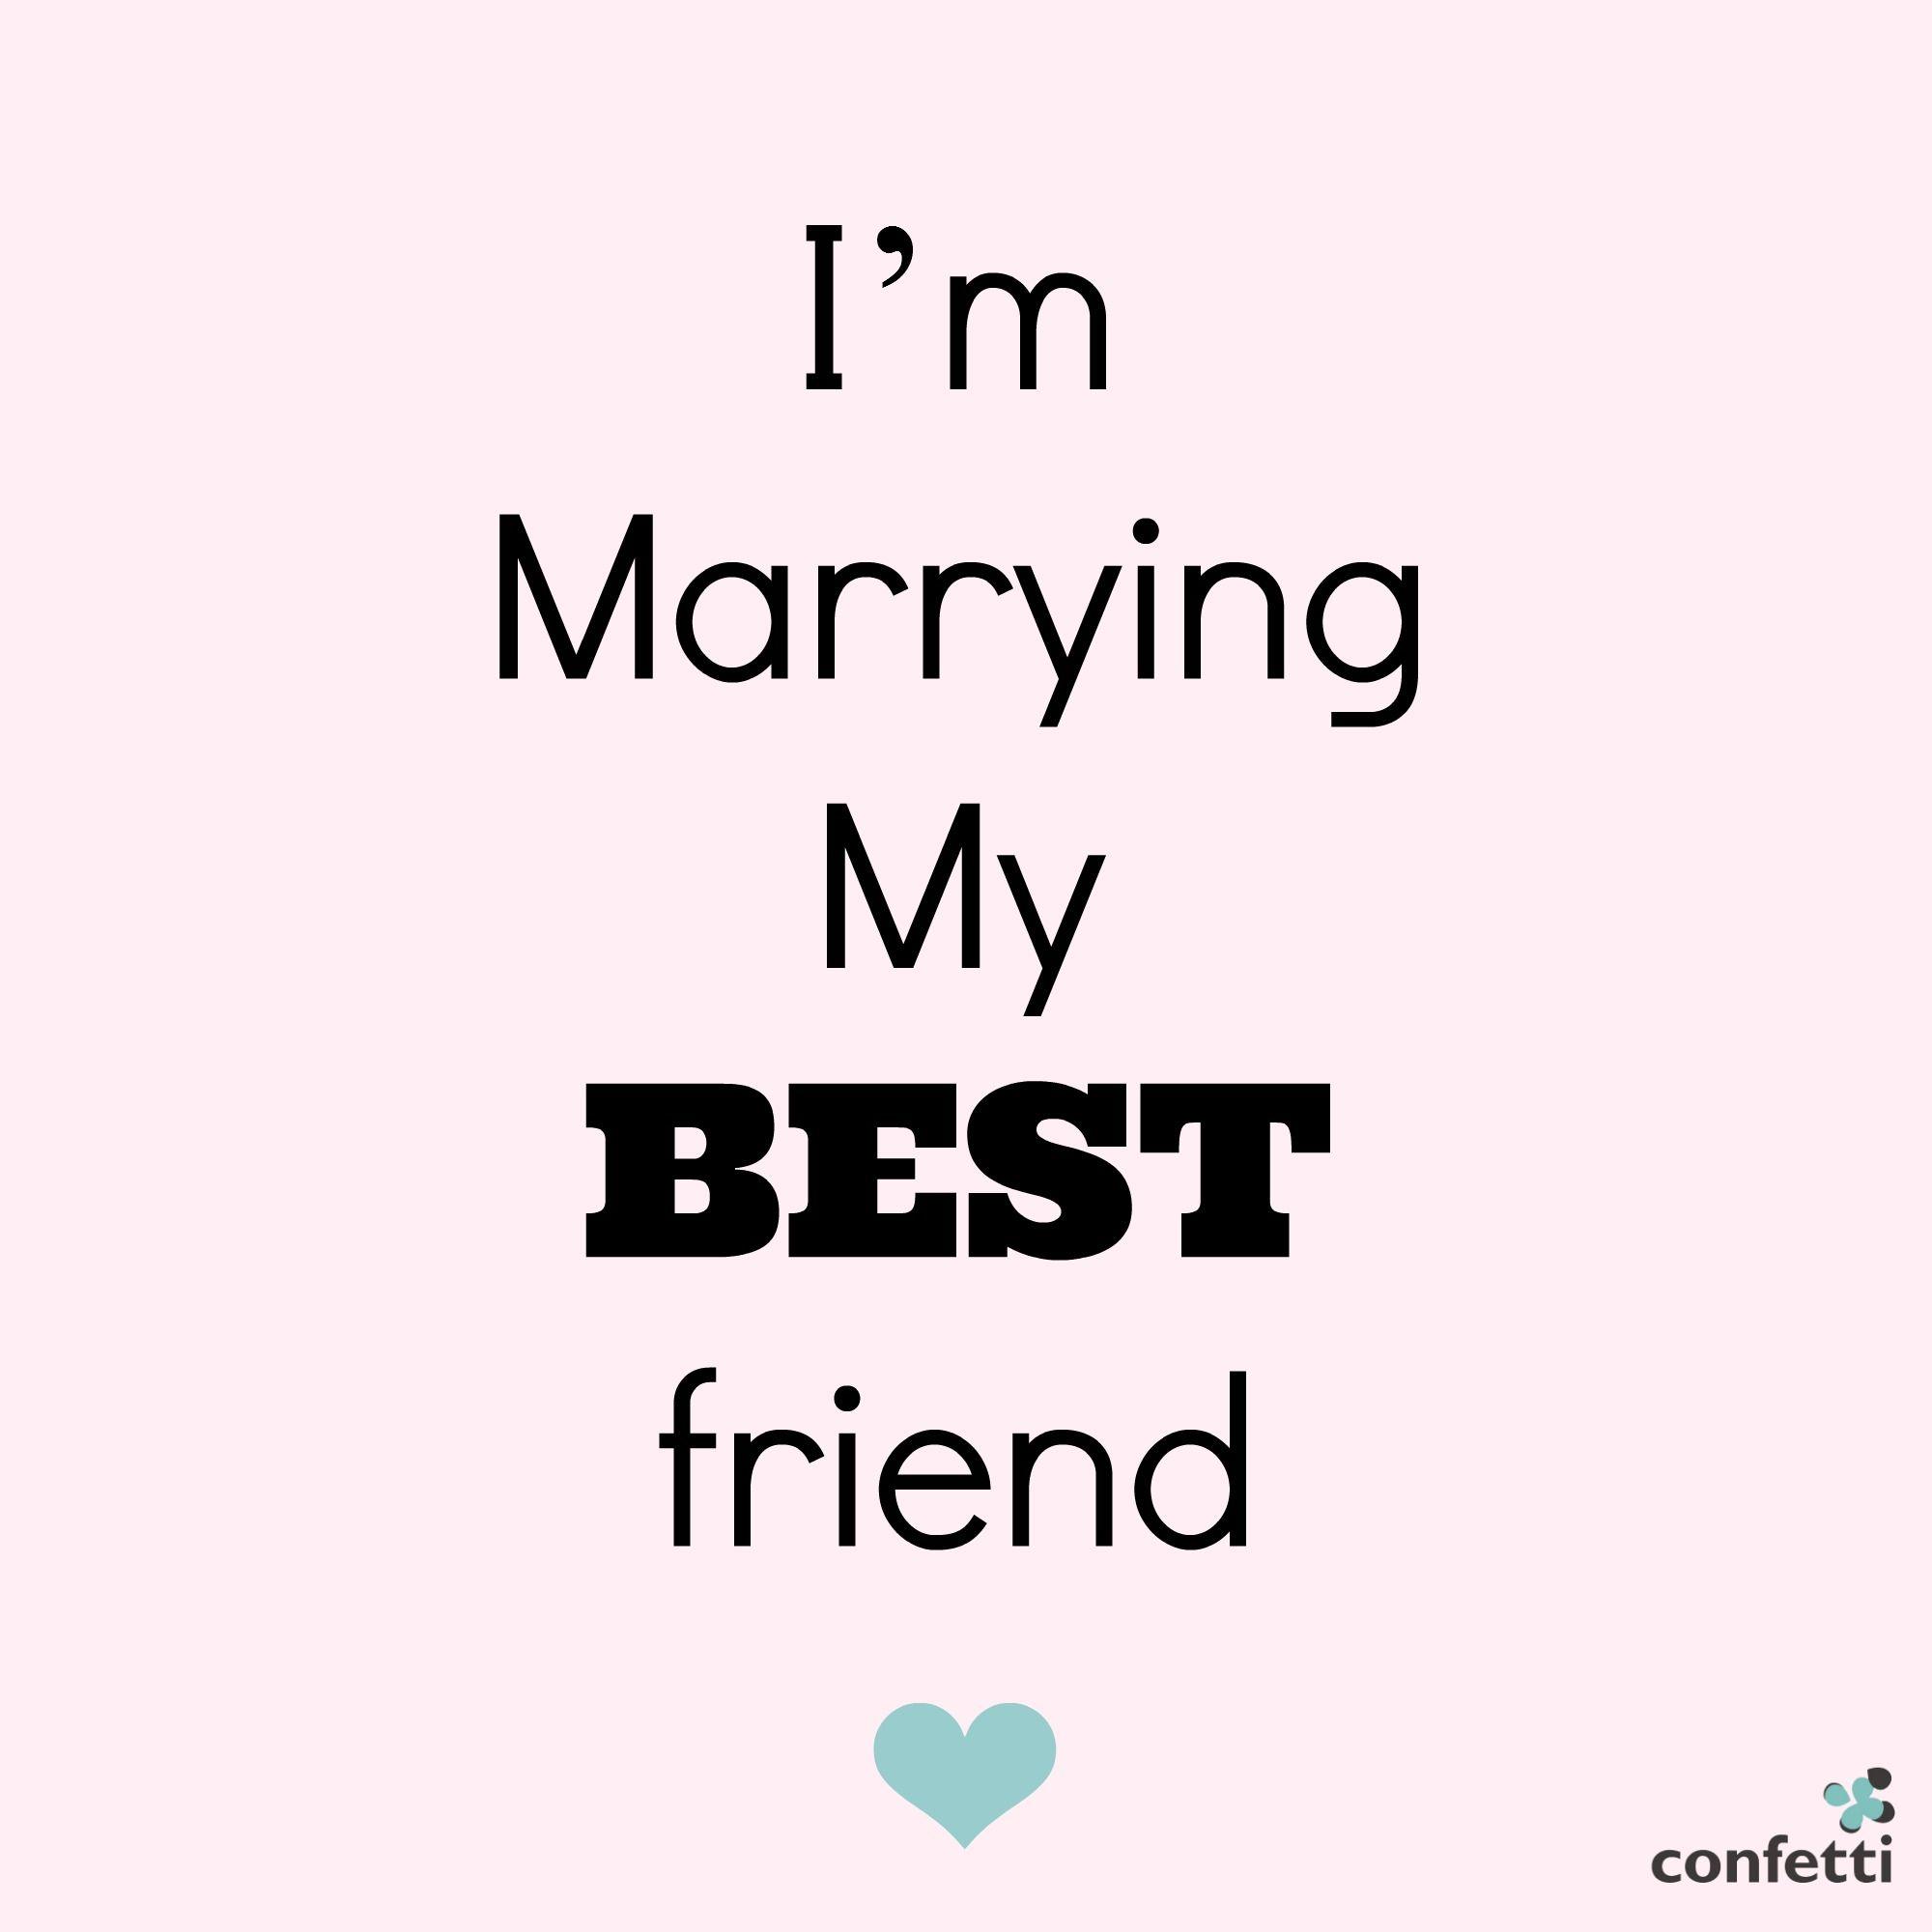 I'm marrying my best friend | #Love #Marrying #Best #Friend